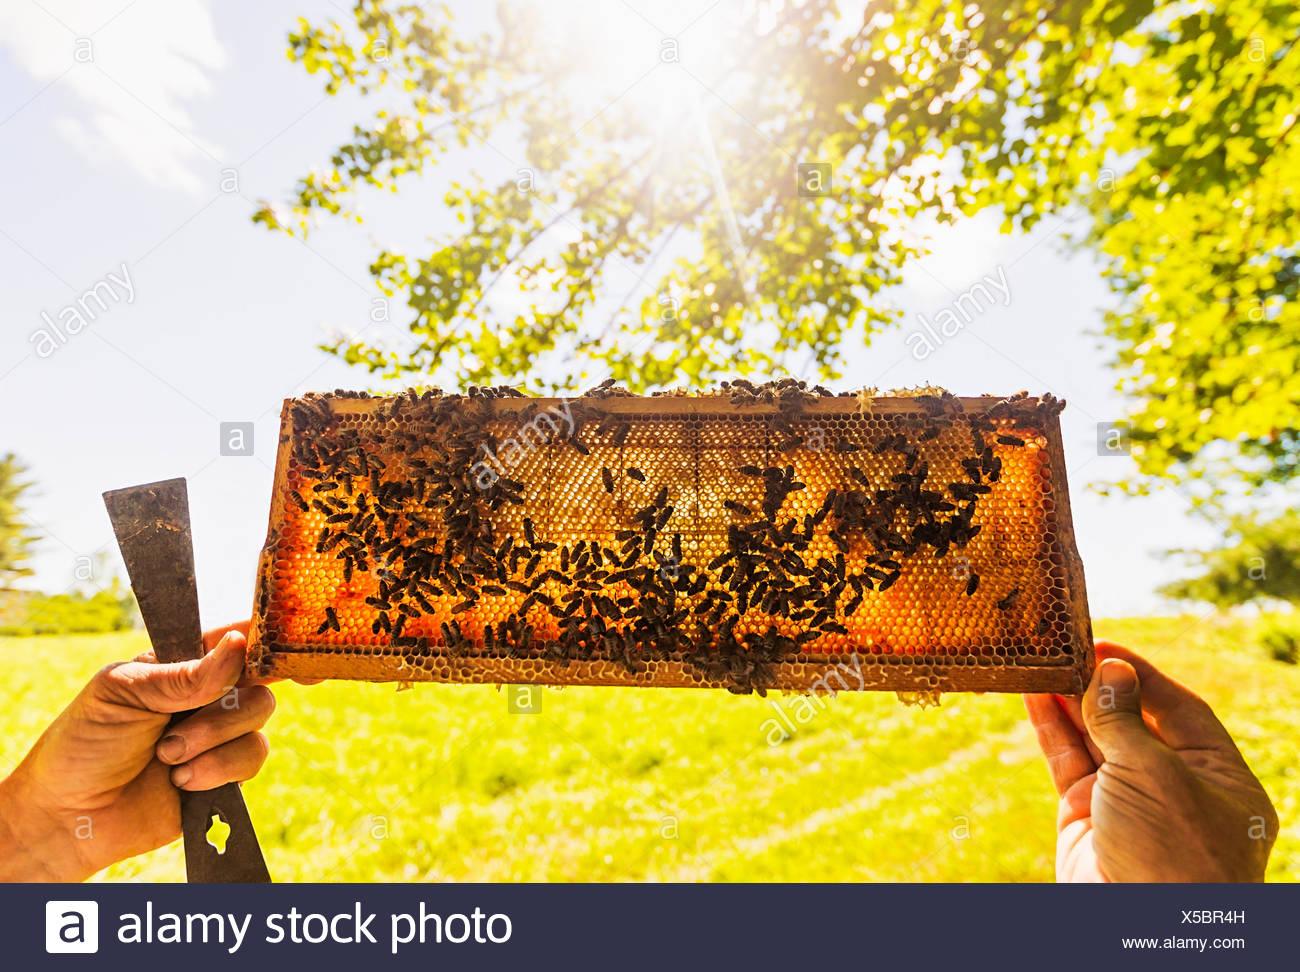 Beekeeper holding honeycomb - Stock Image